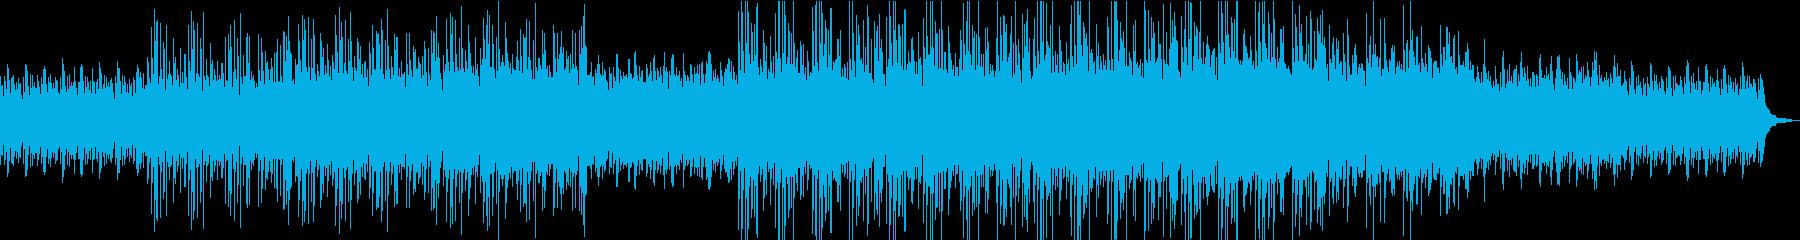 心をほぐす温かで美しい幻想的な曲の再生済みの波形